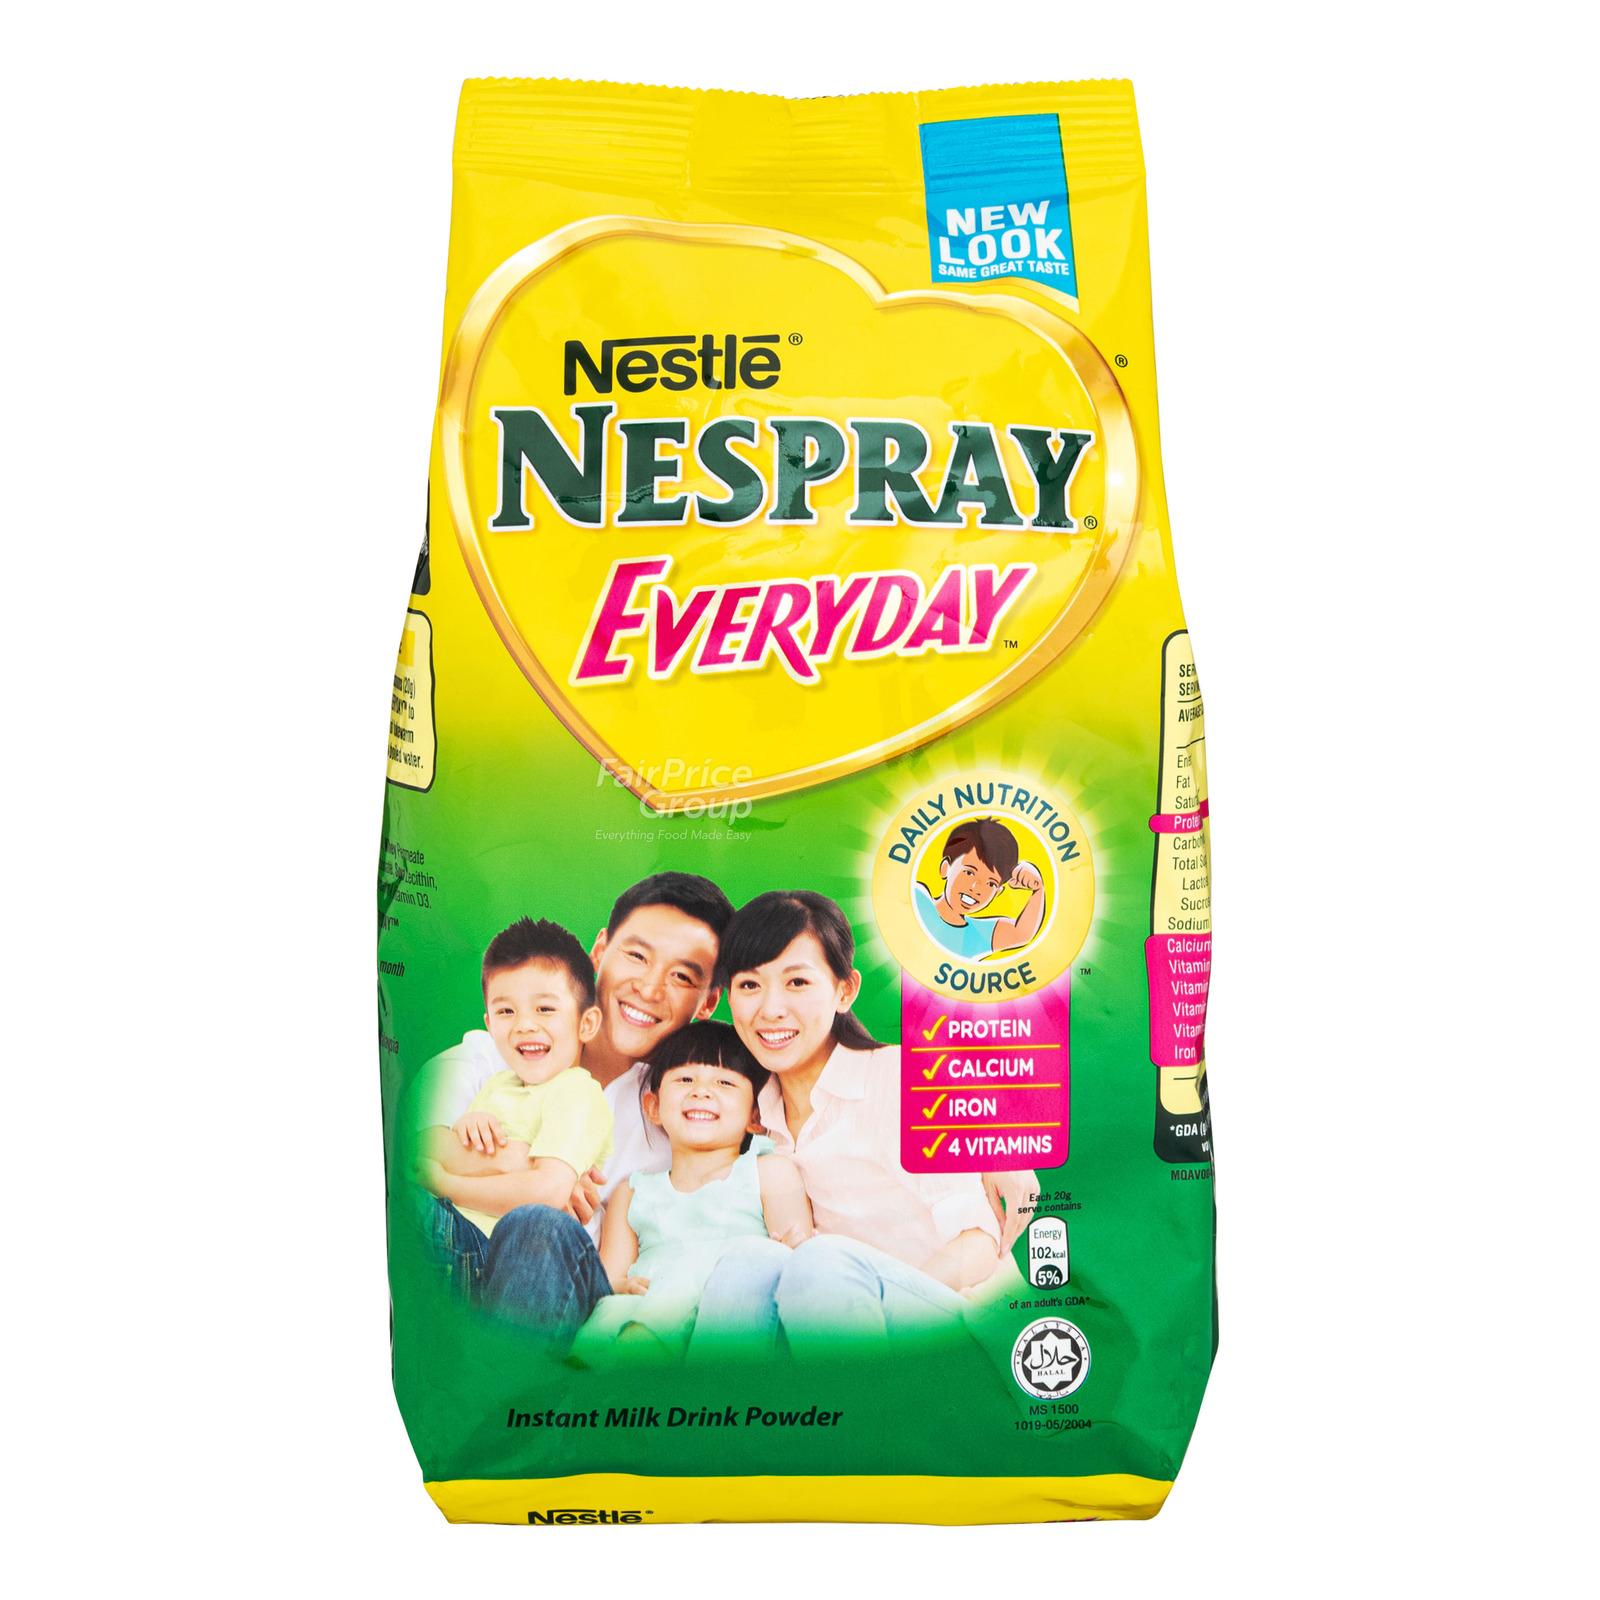 Nespray Everyday Instant Milk Powder